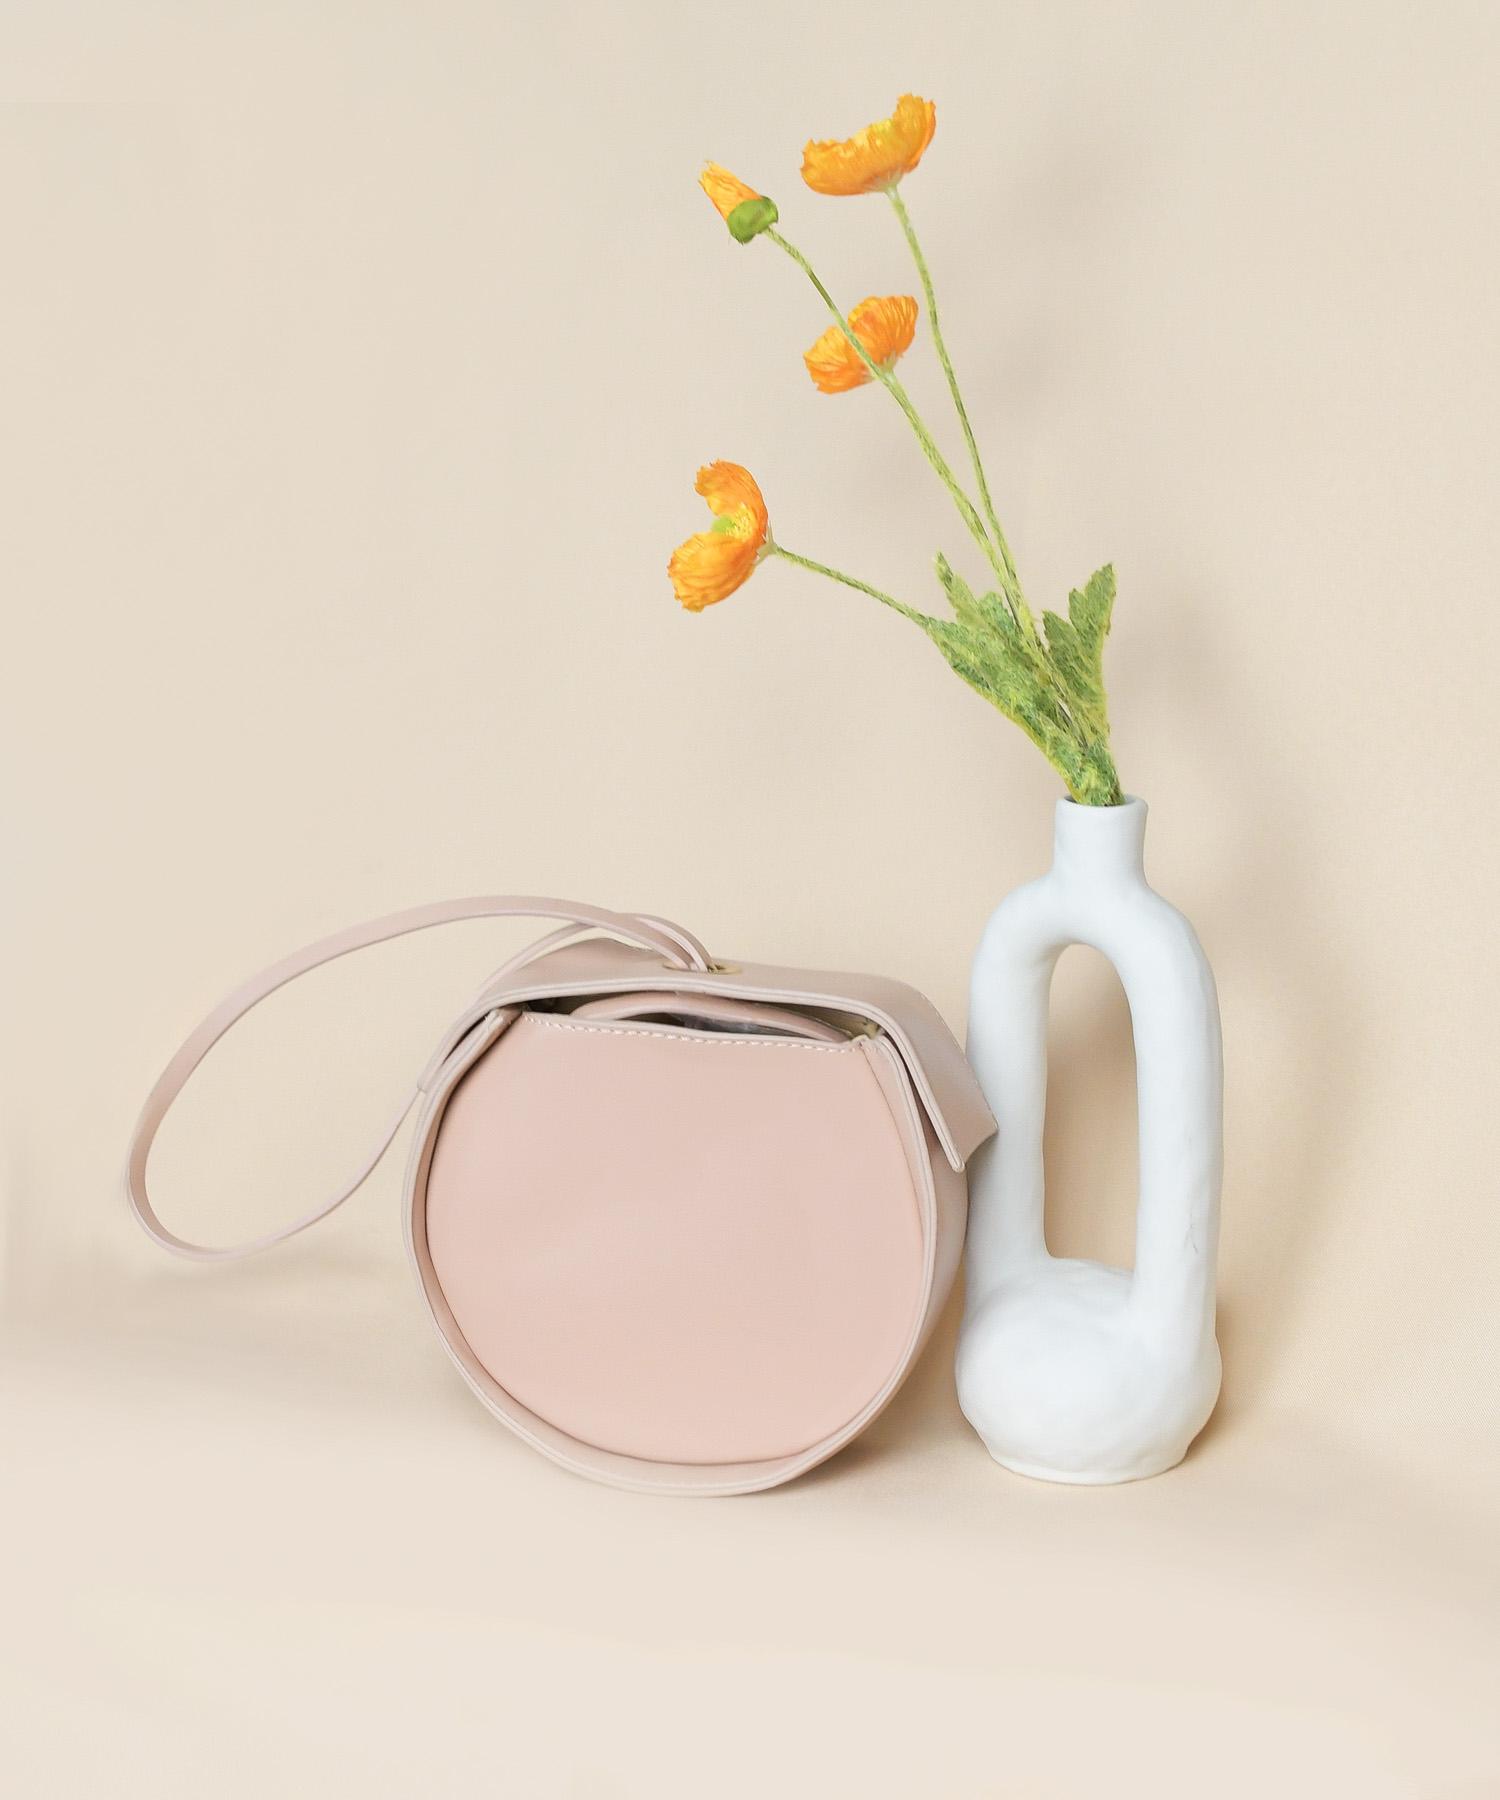 moda-circle-bag-nude-pink-1